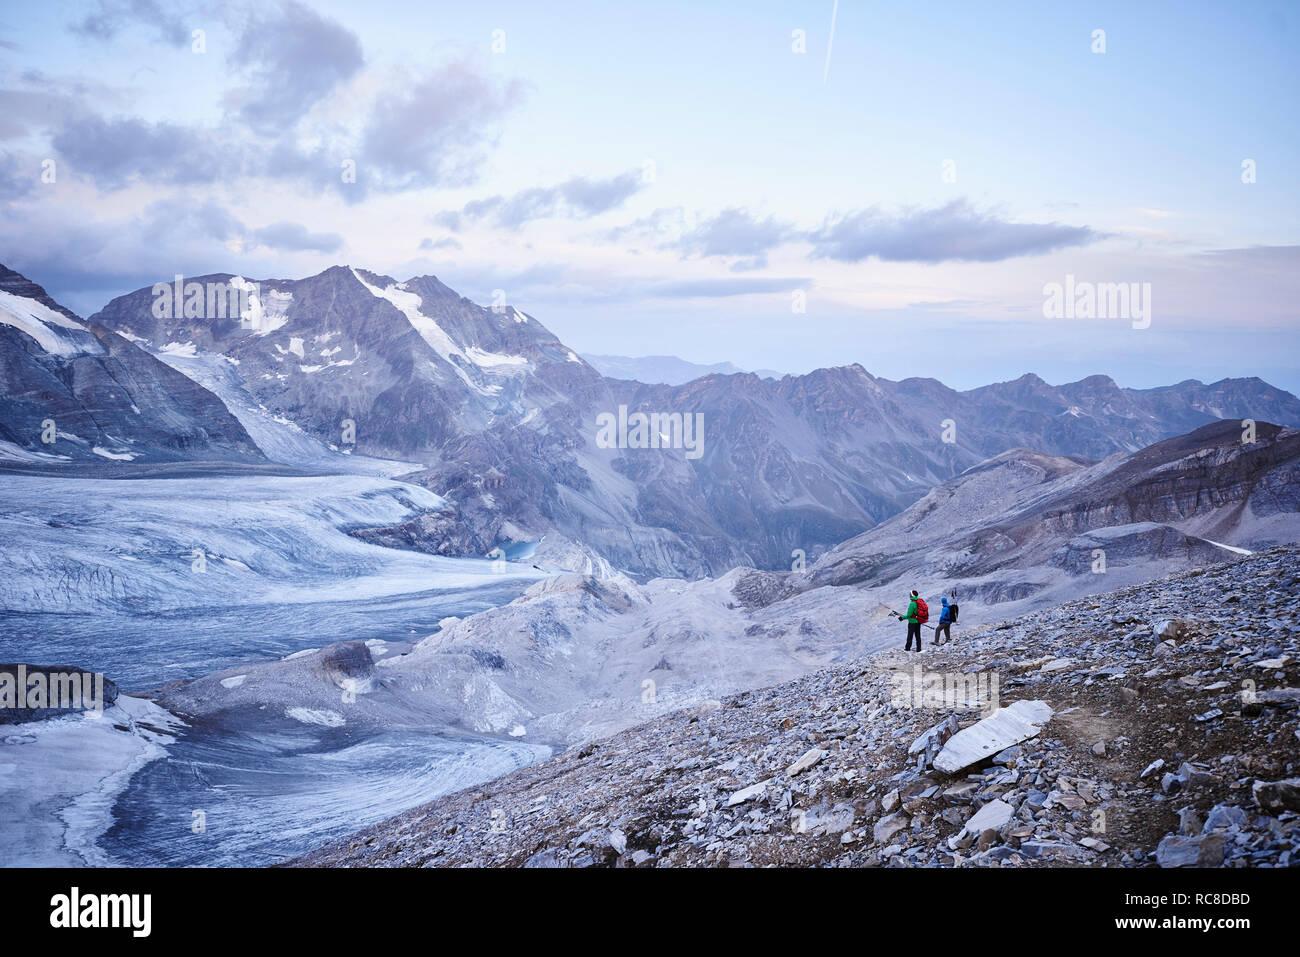 Excursionista amigos mirando glaciar, Mont Cervin, Cervino, Valais, Suiza Foto de stock